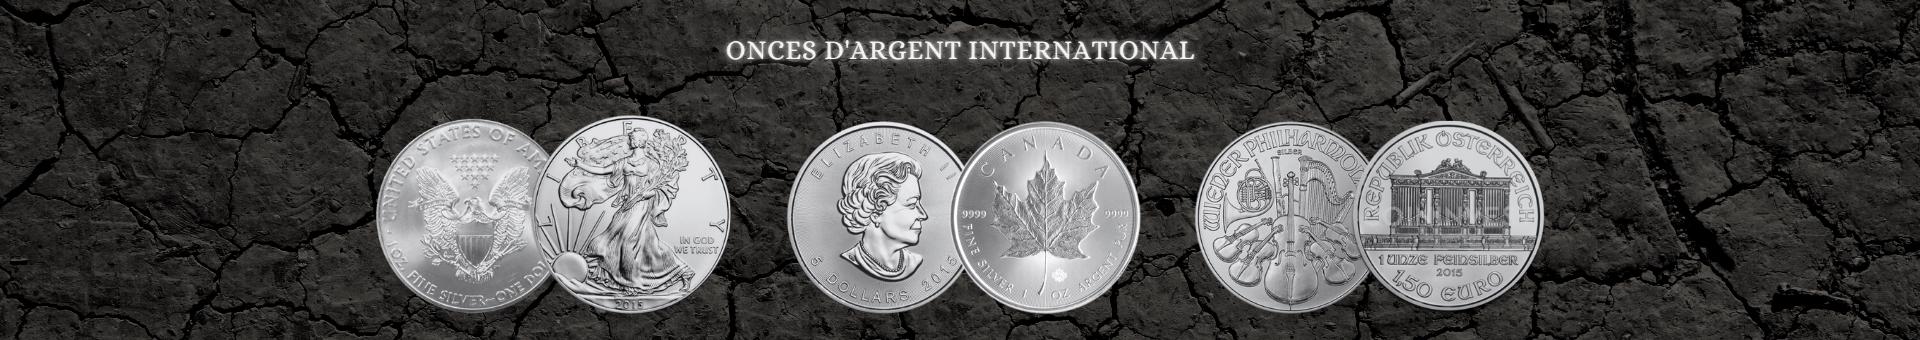 Achetez des pièces d'argent internationales avec Or & Change